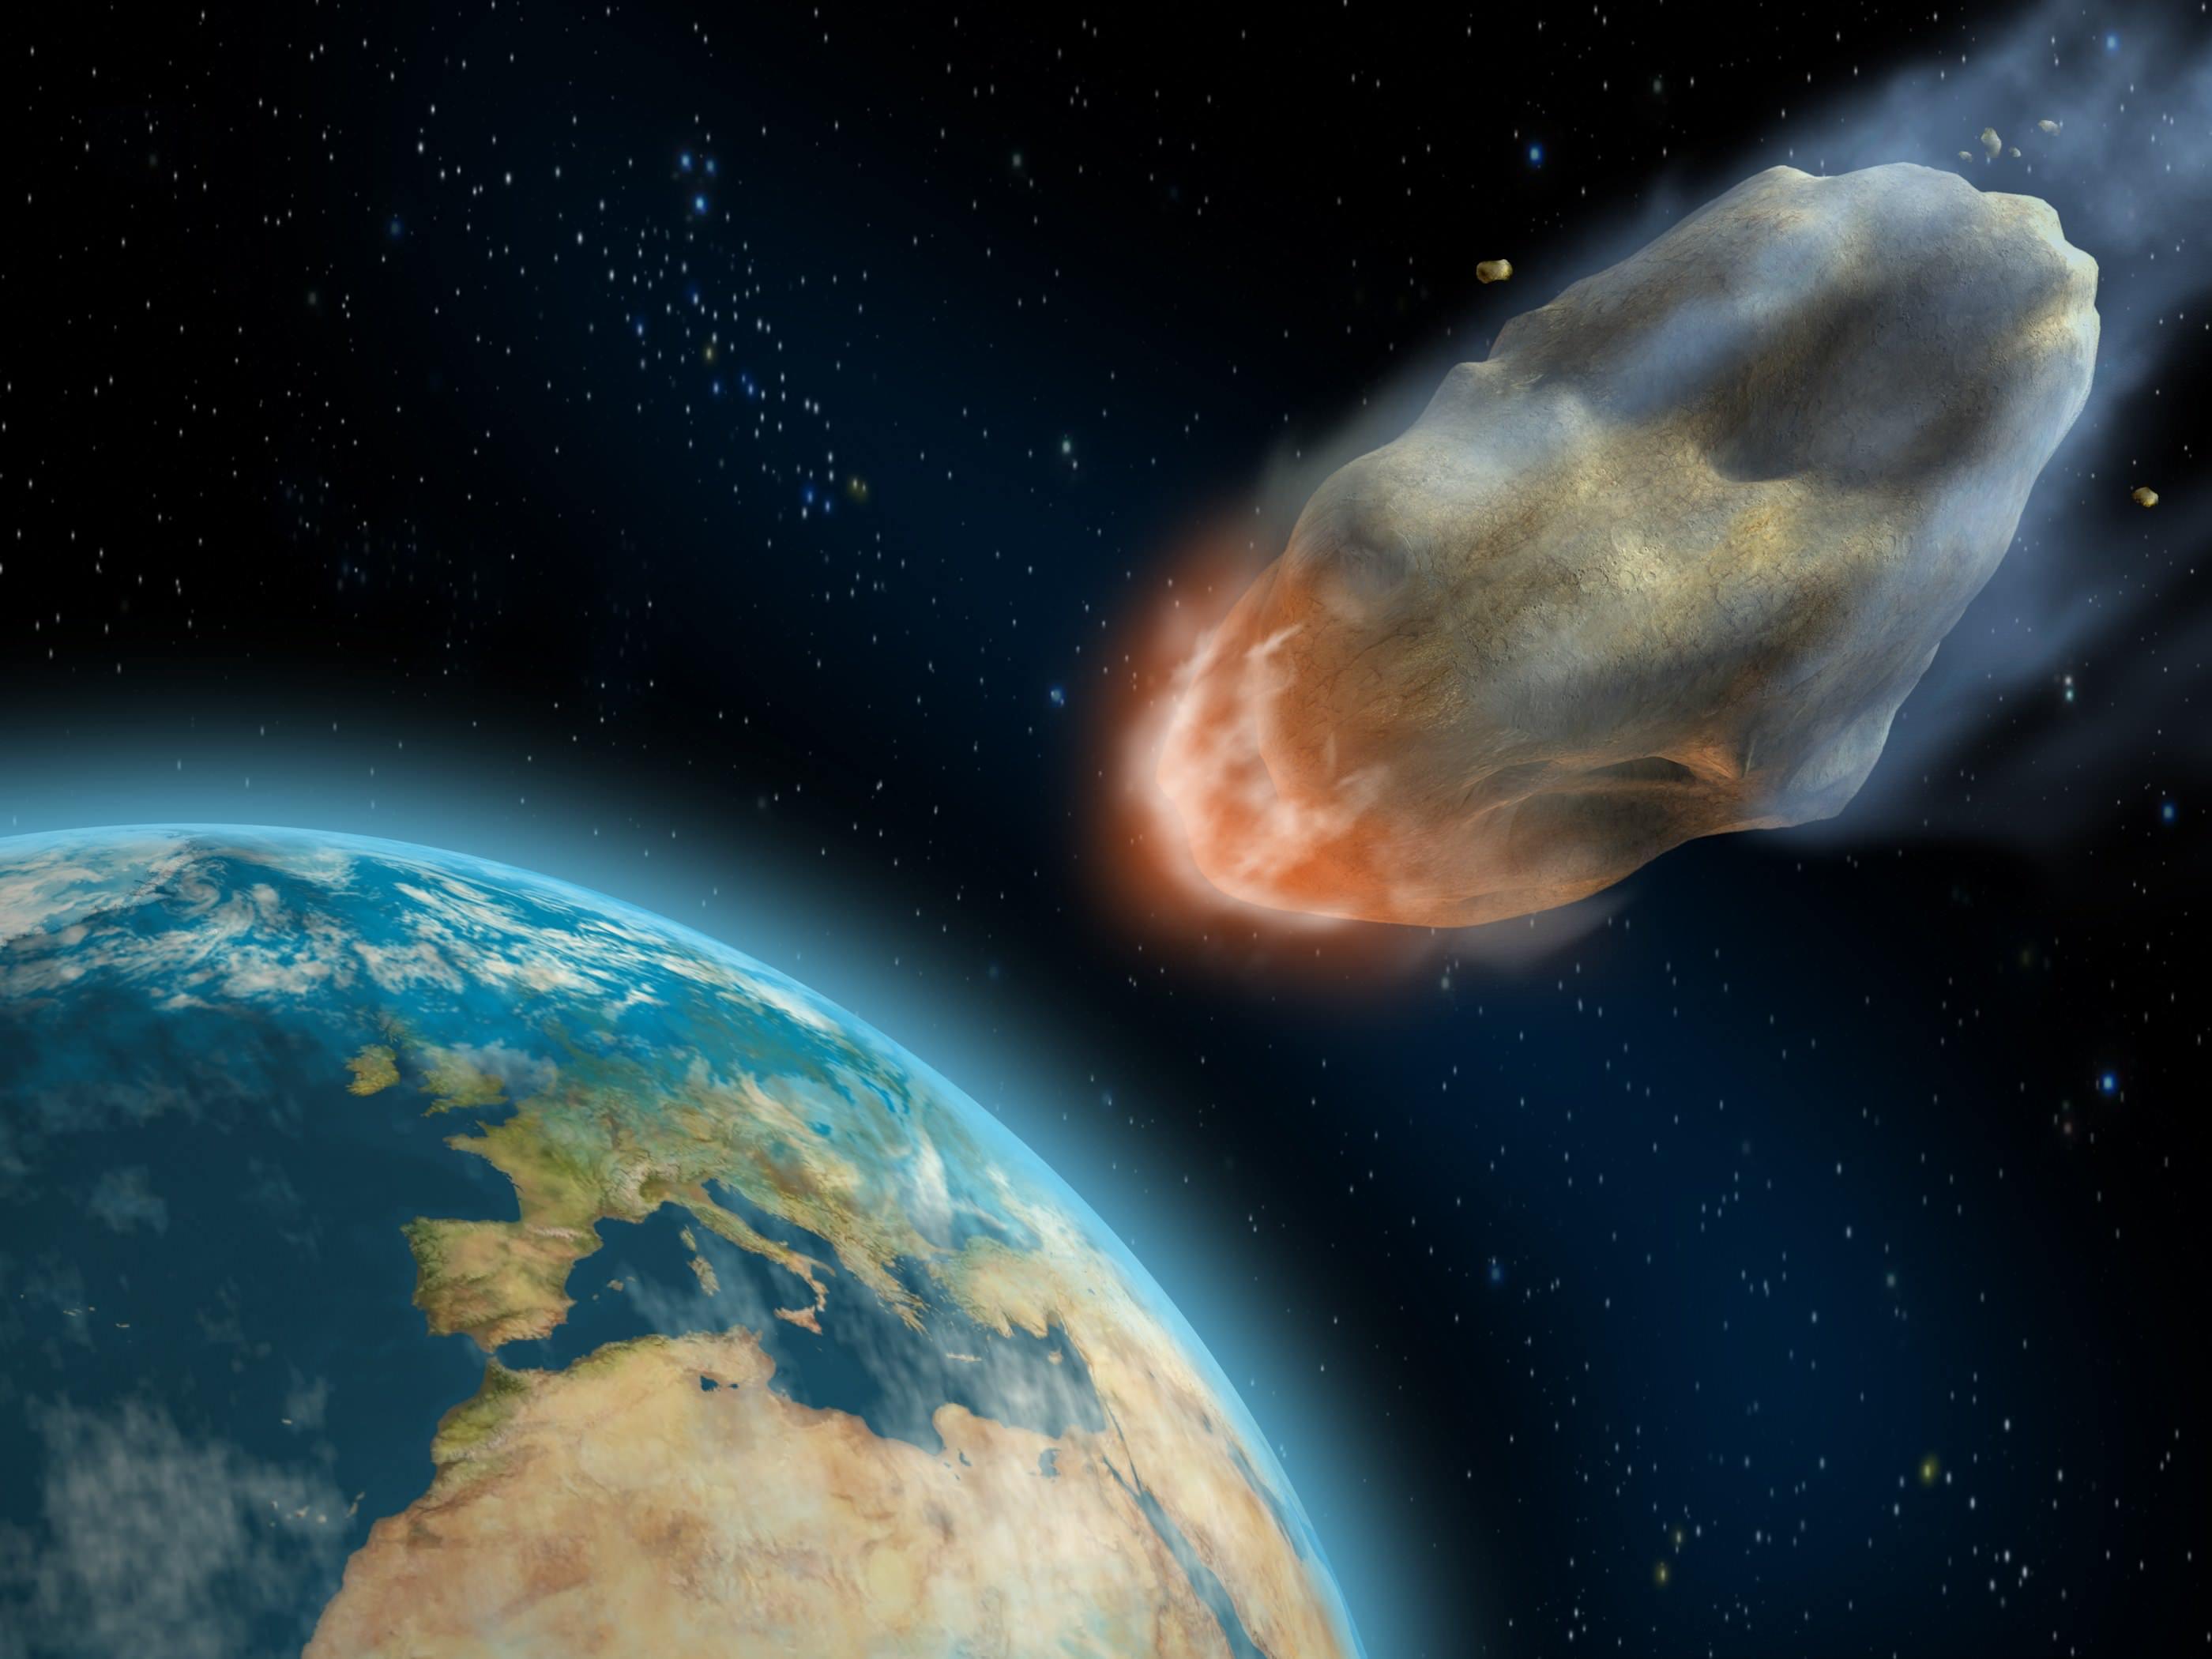 Asteroide 2012 TC4: nel 2017 collisione con la Terra?